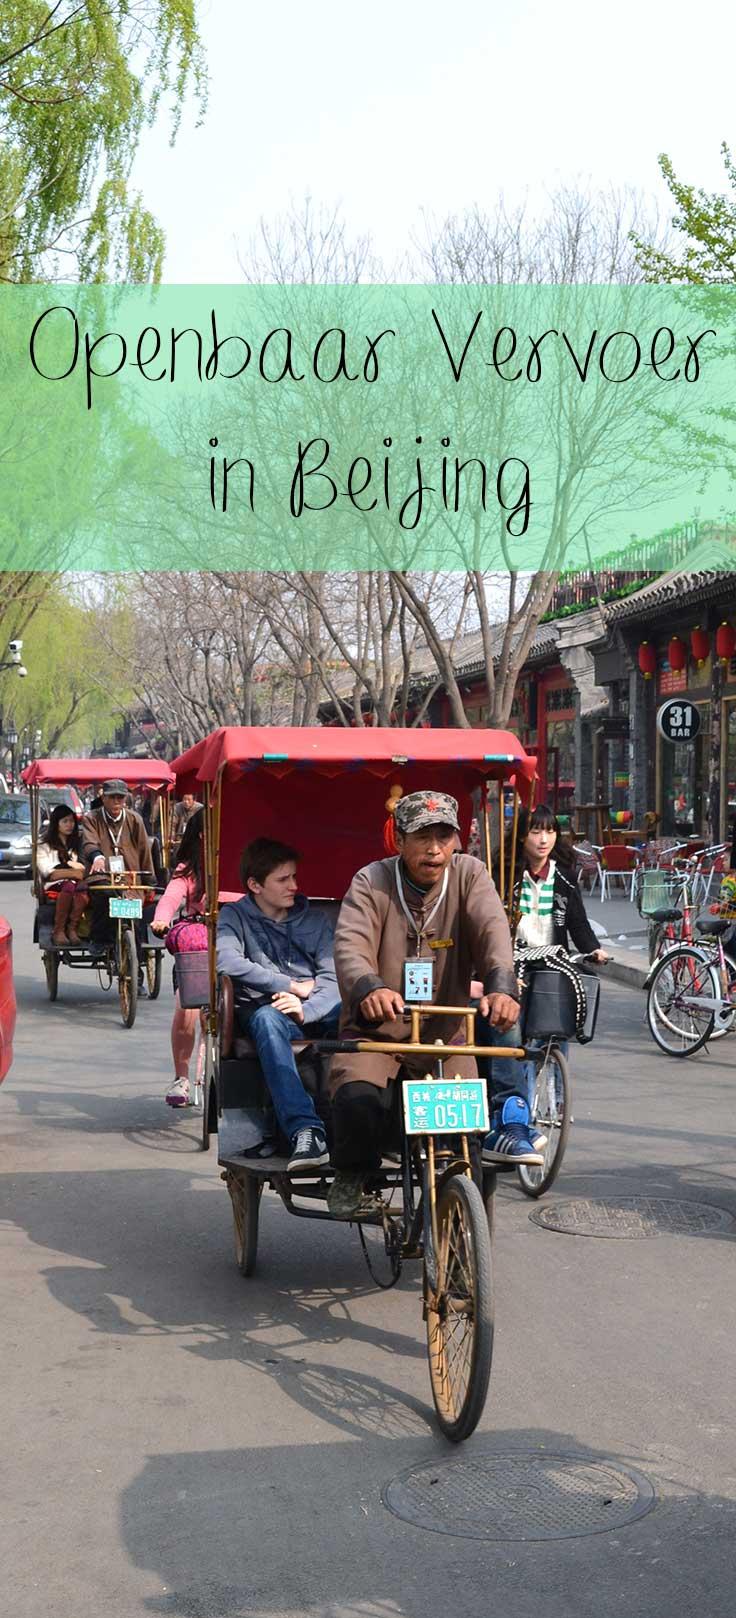 openbaar vervoer in Beijing